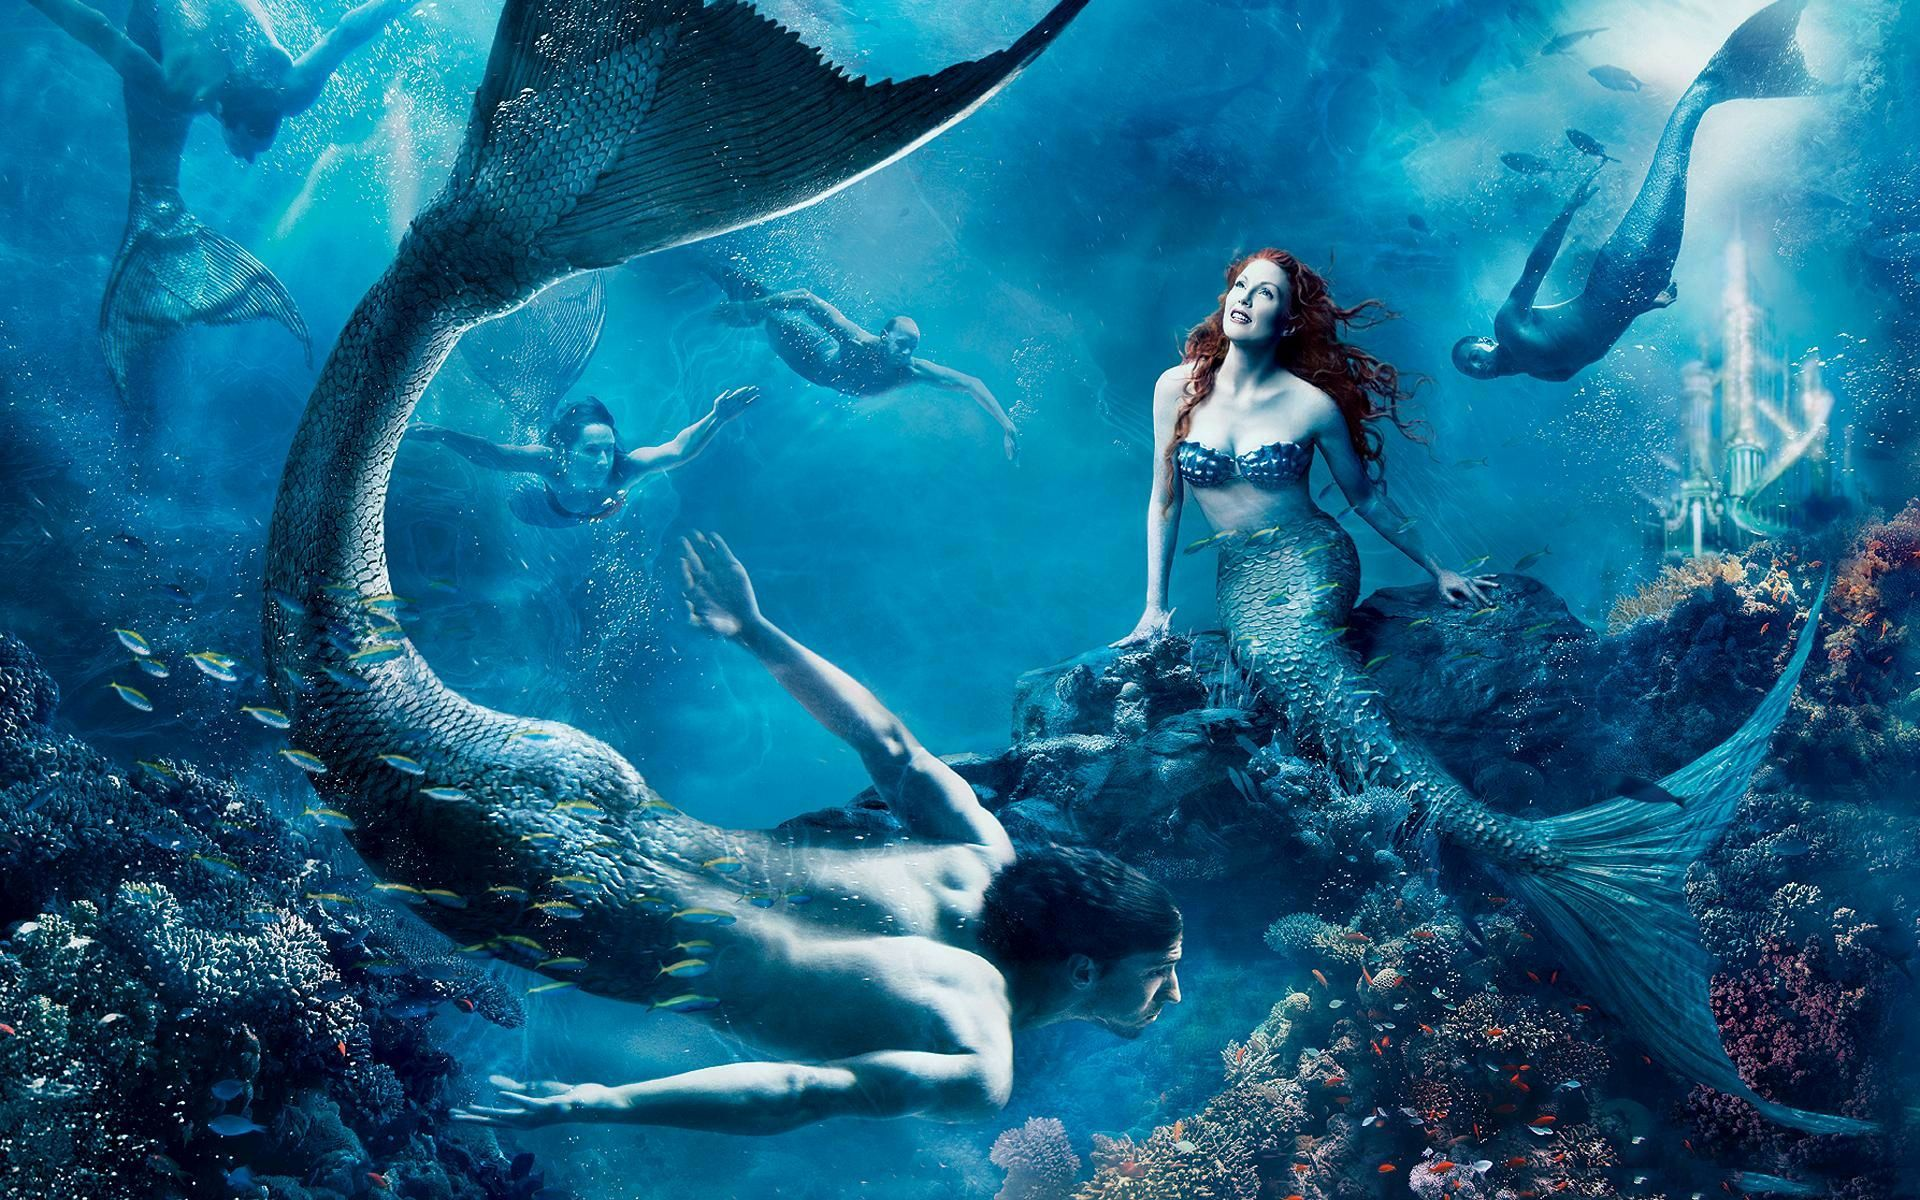 картинки подводного мира или с русалками дома сохранилась